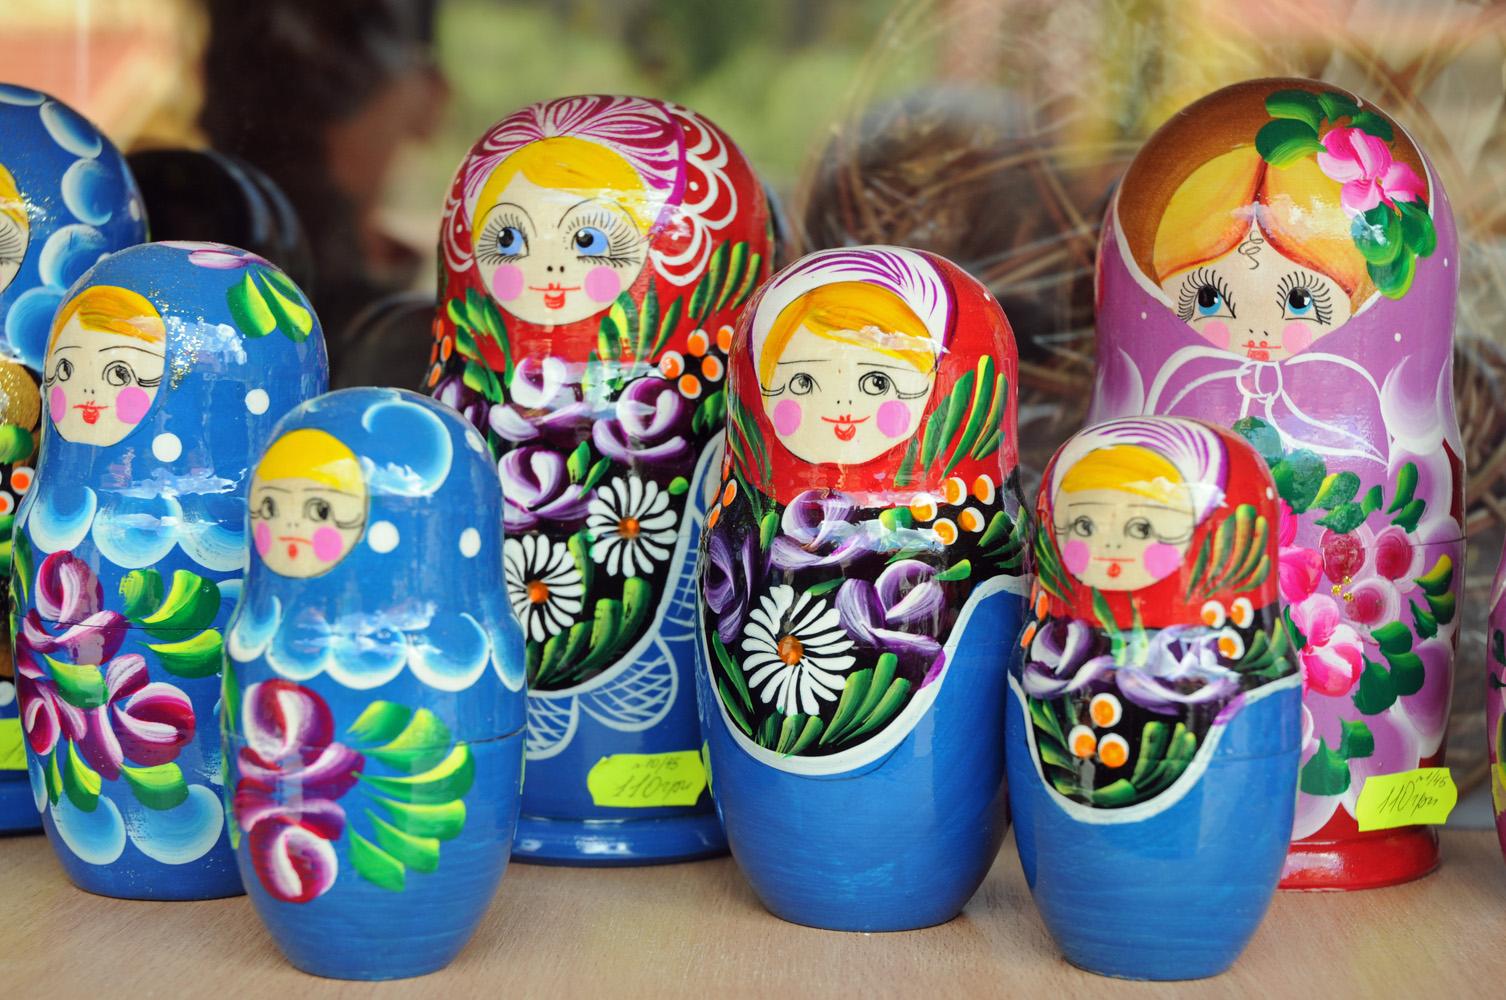 Histoire des poupées russes 38%20Poup%C3%A9es%20russes